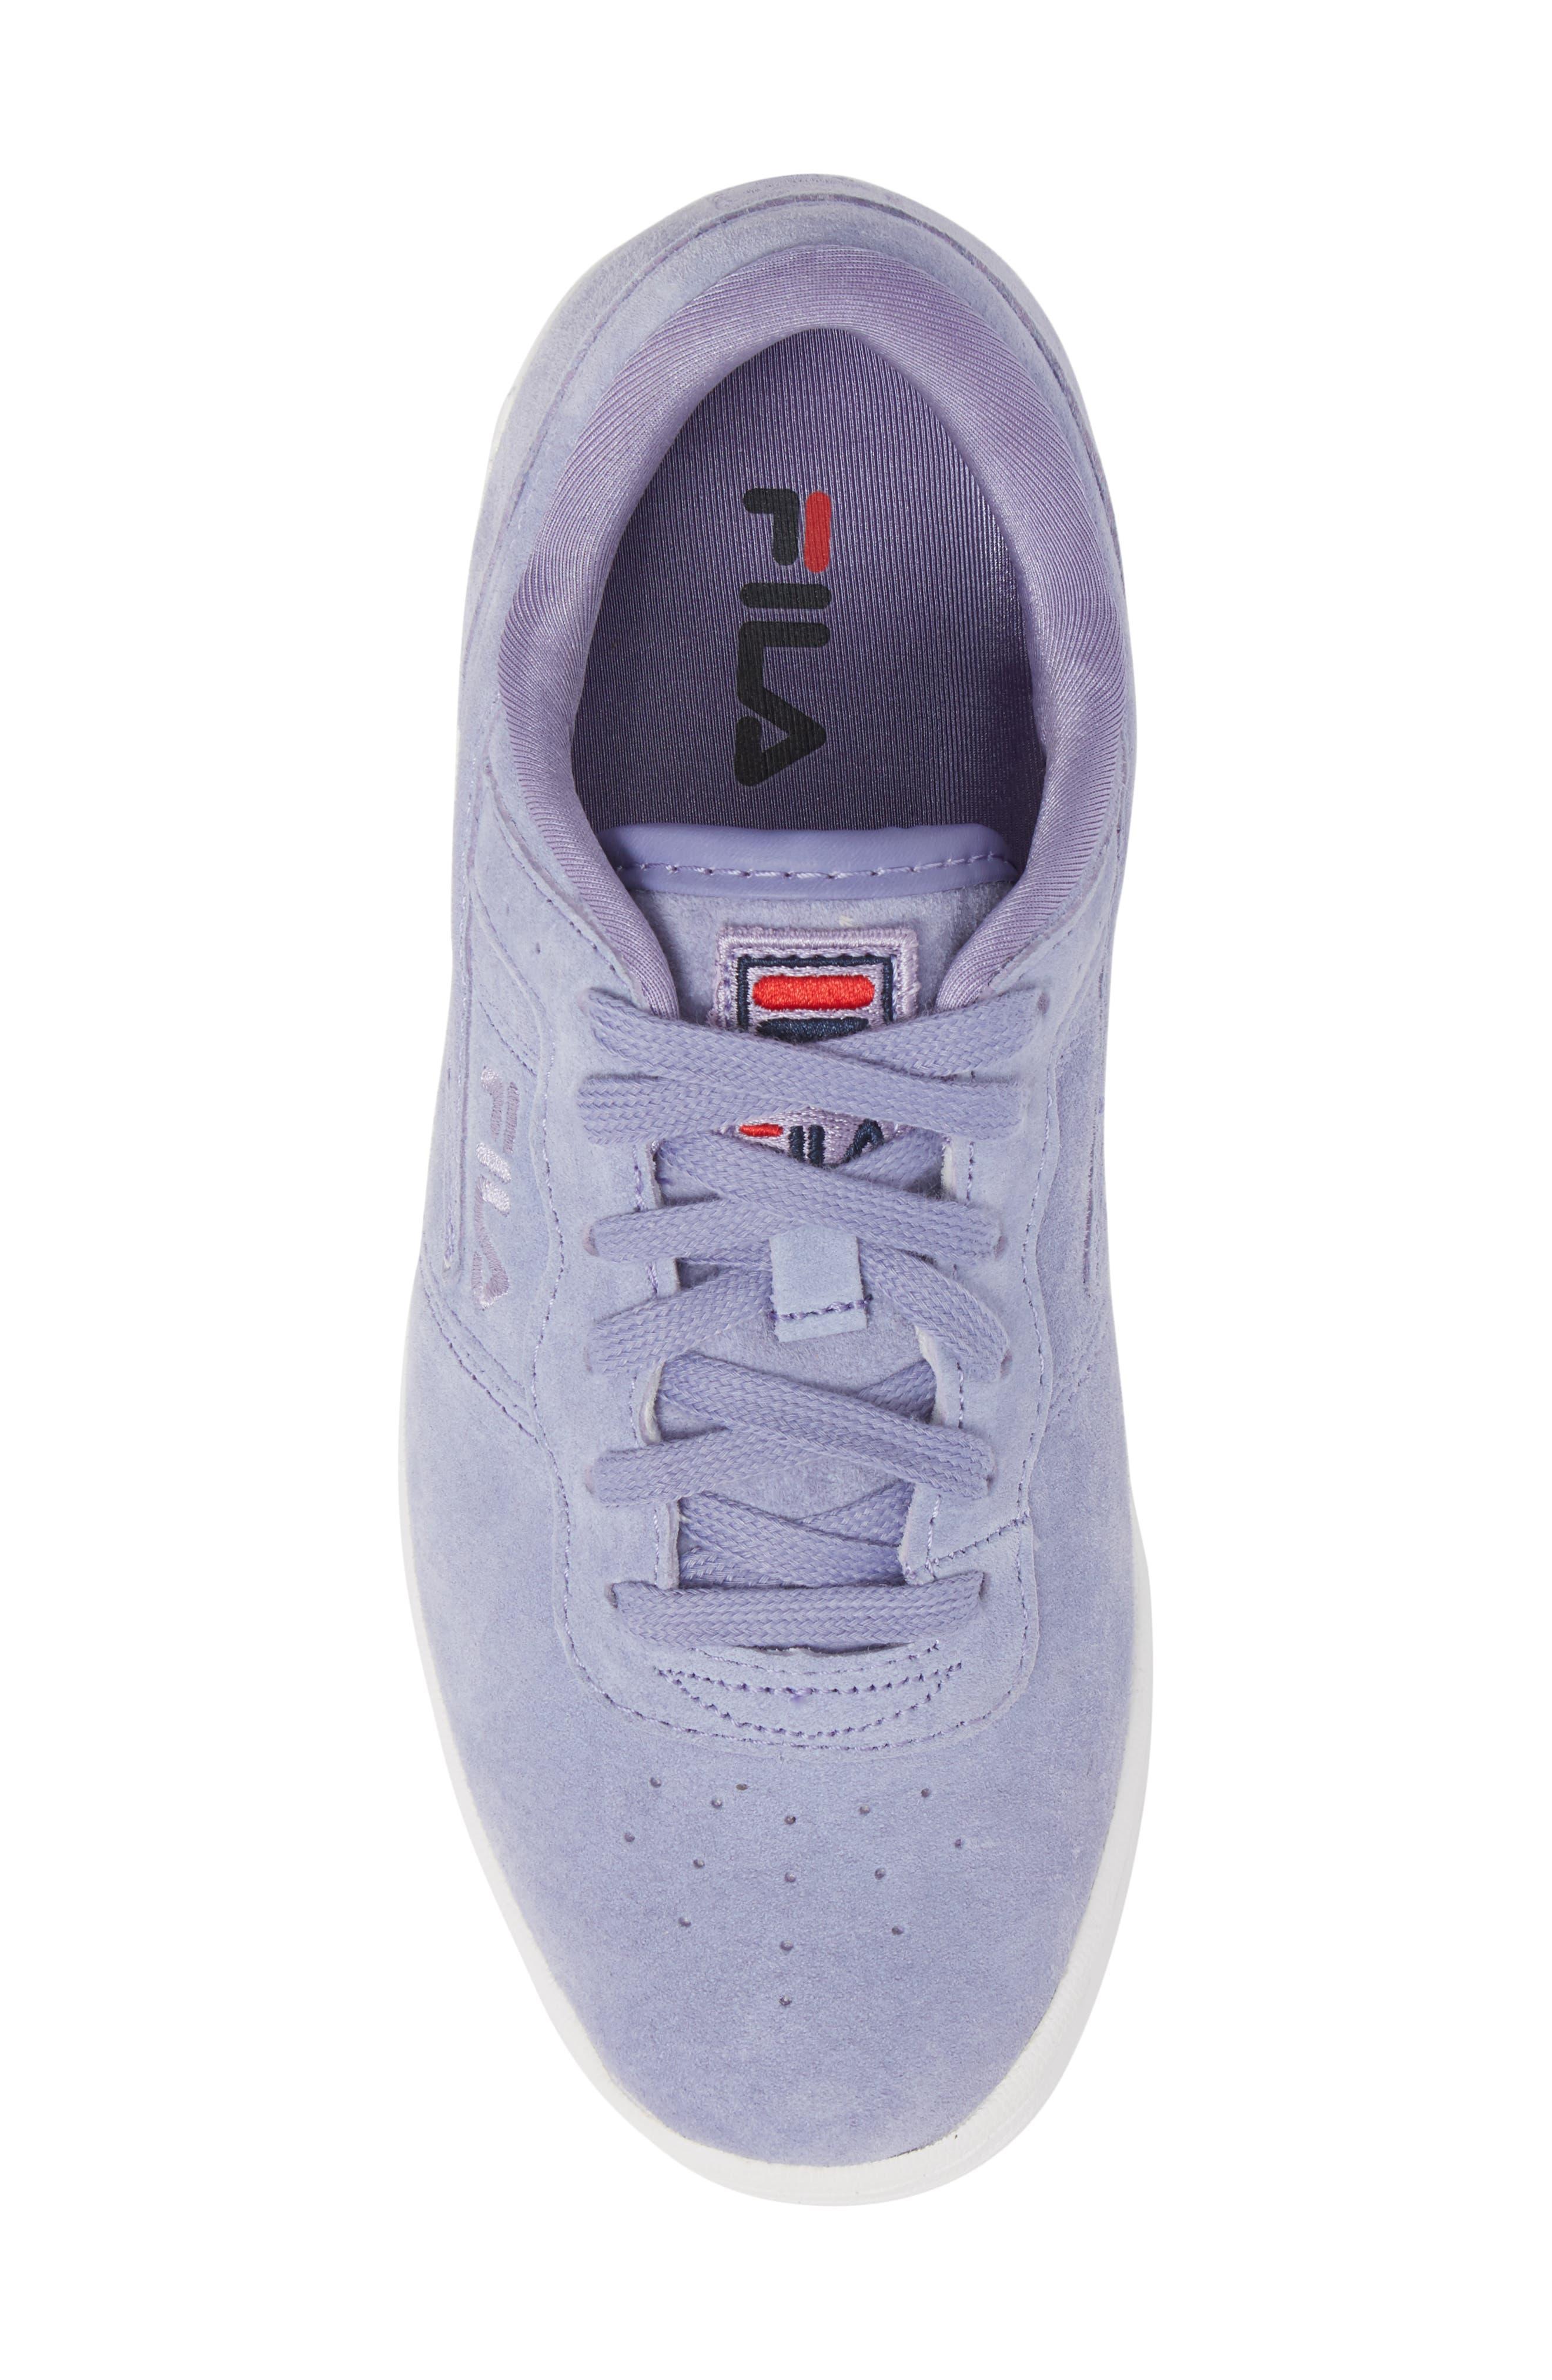 Original Fitness Premium Sneaker,                             Alternate thumbnail 5, color,                             SLAV/ SLAV/ WHT